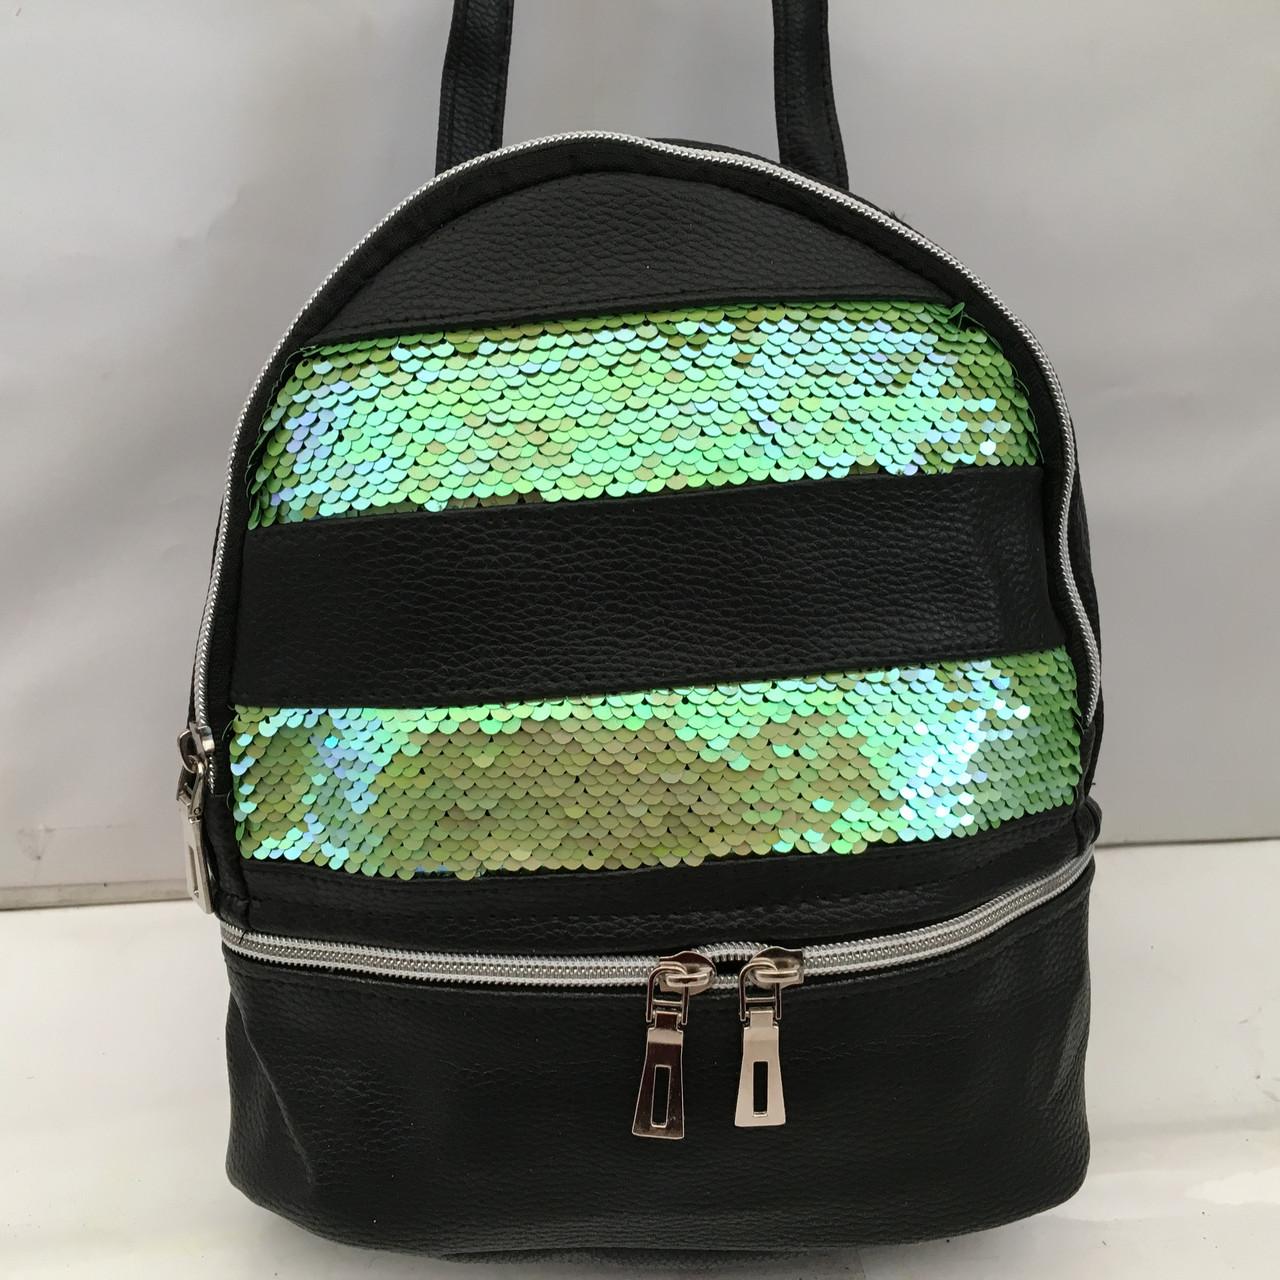 bf3890250e1d Рюкзак с паетками - (женская) сумка 2 в 1, эко-кожа\\Молодежный ...